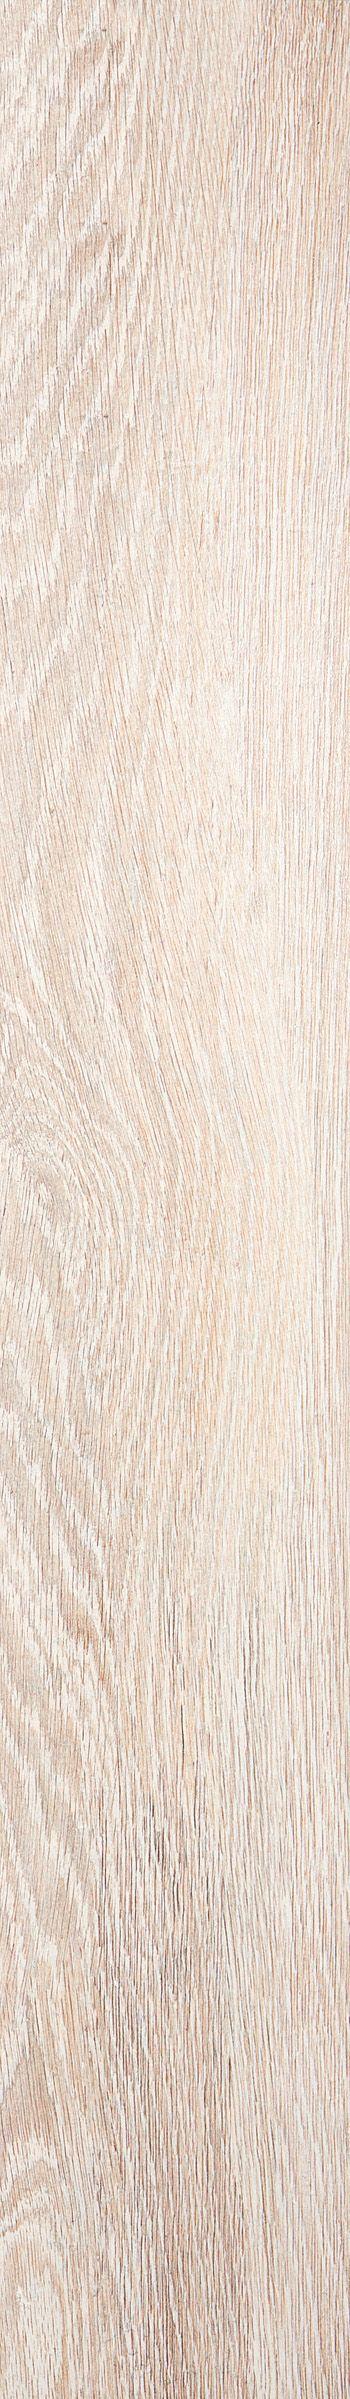 25 beste ideeà n over kurkvloeren op pinterest kurktegels